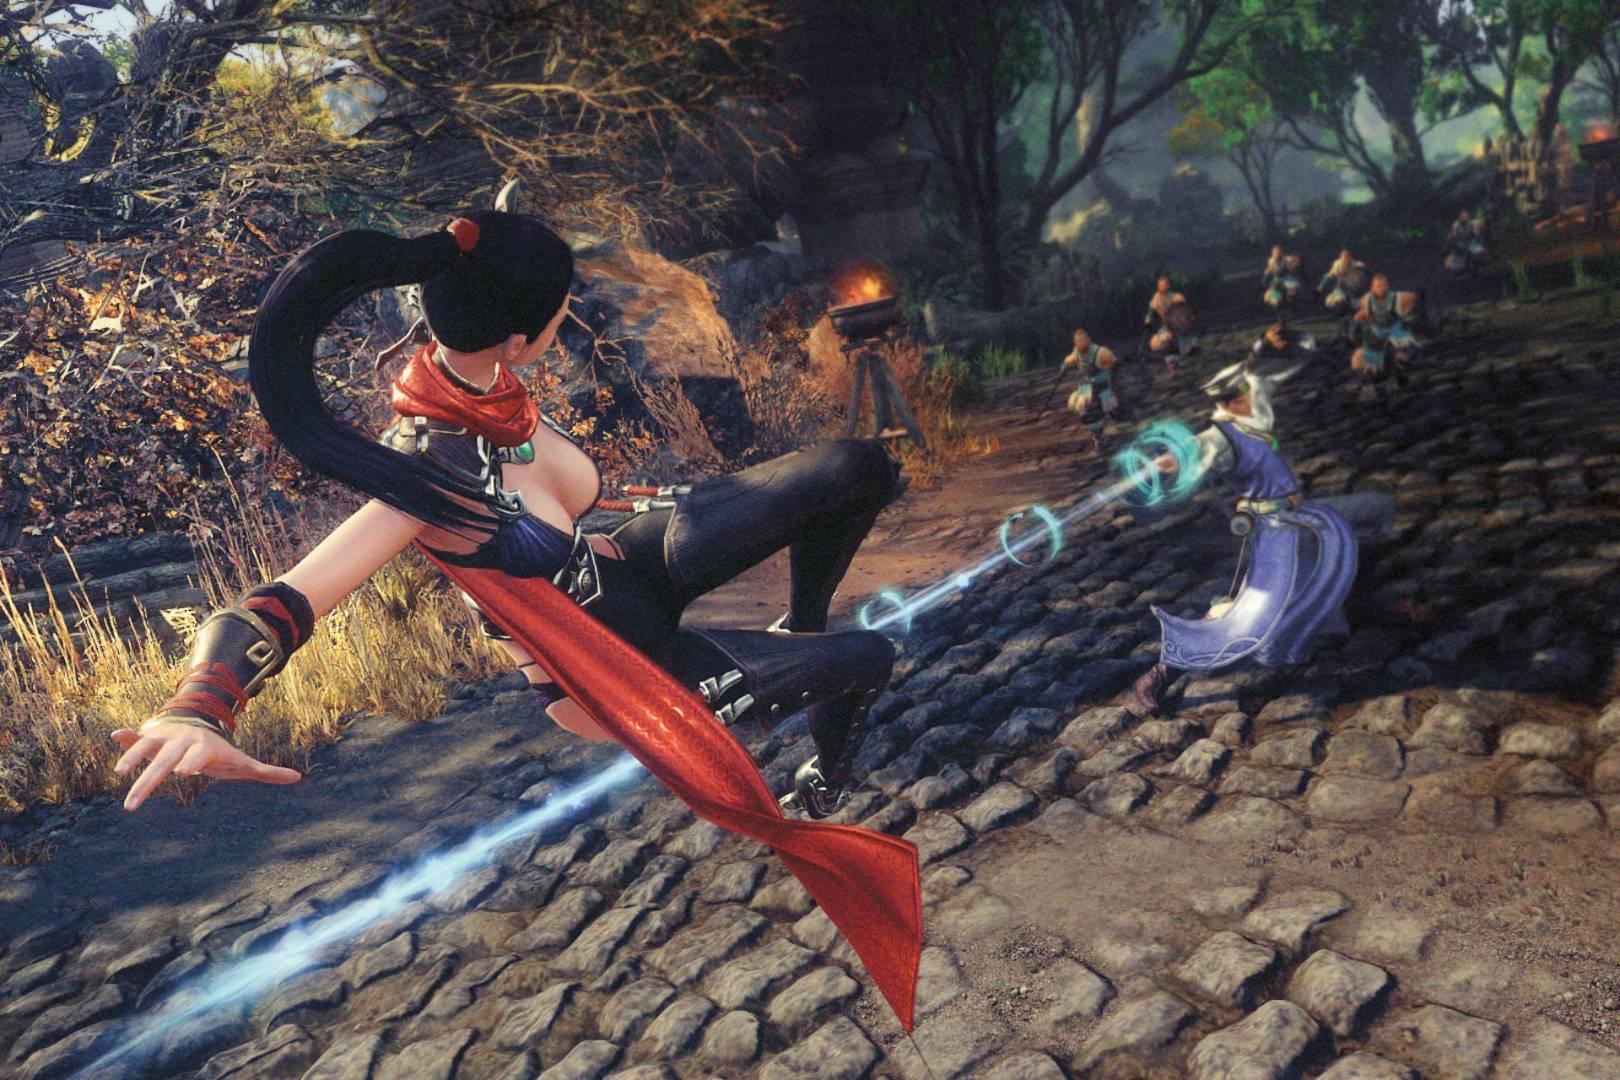 Crytek's game dev suite CryEngine V lets you set your own